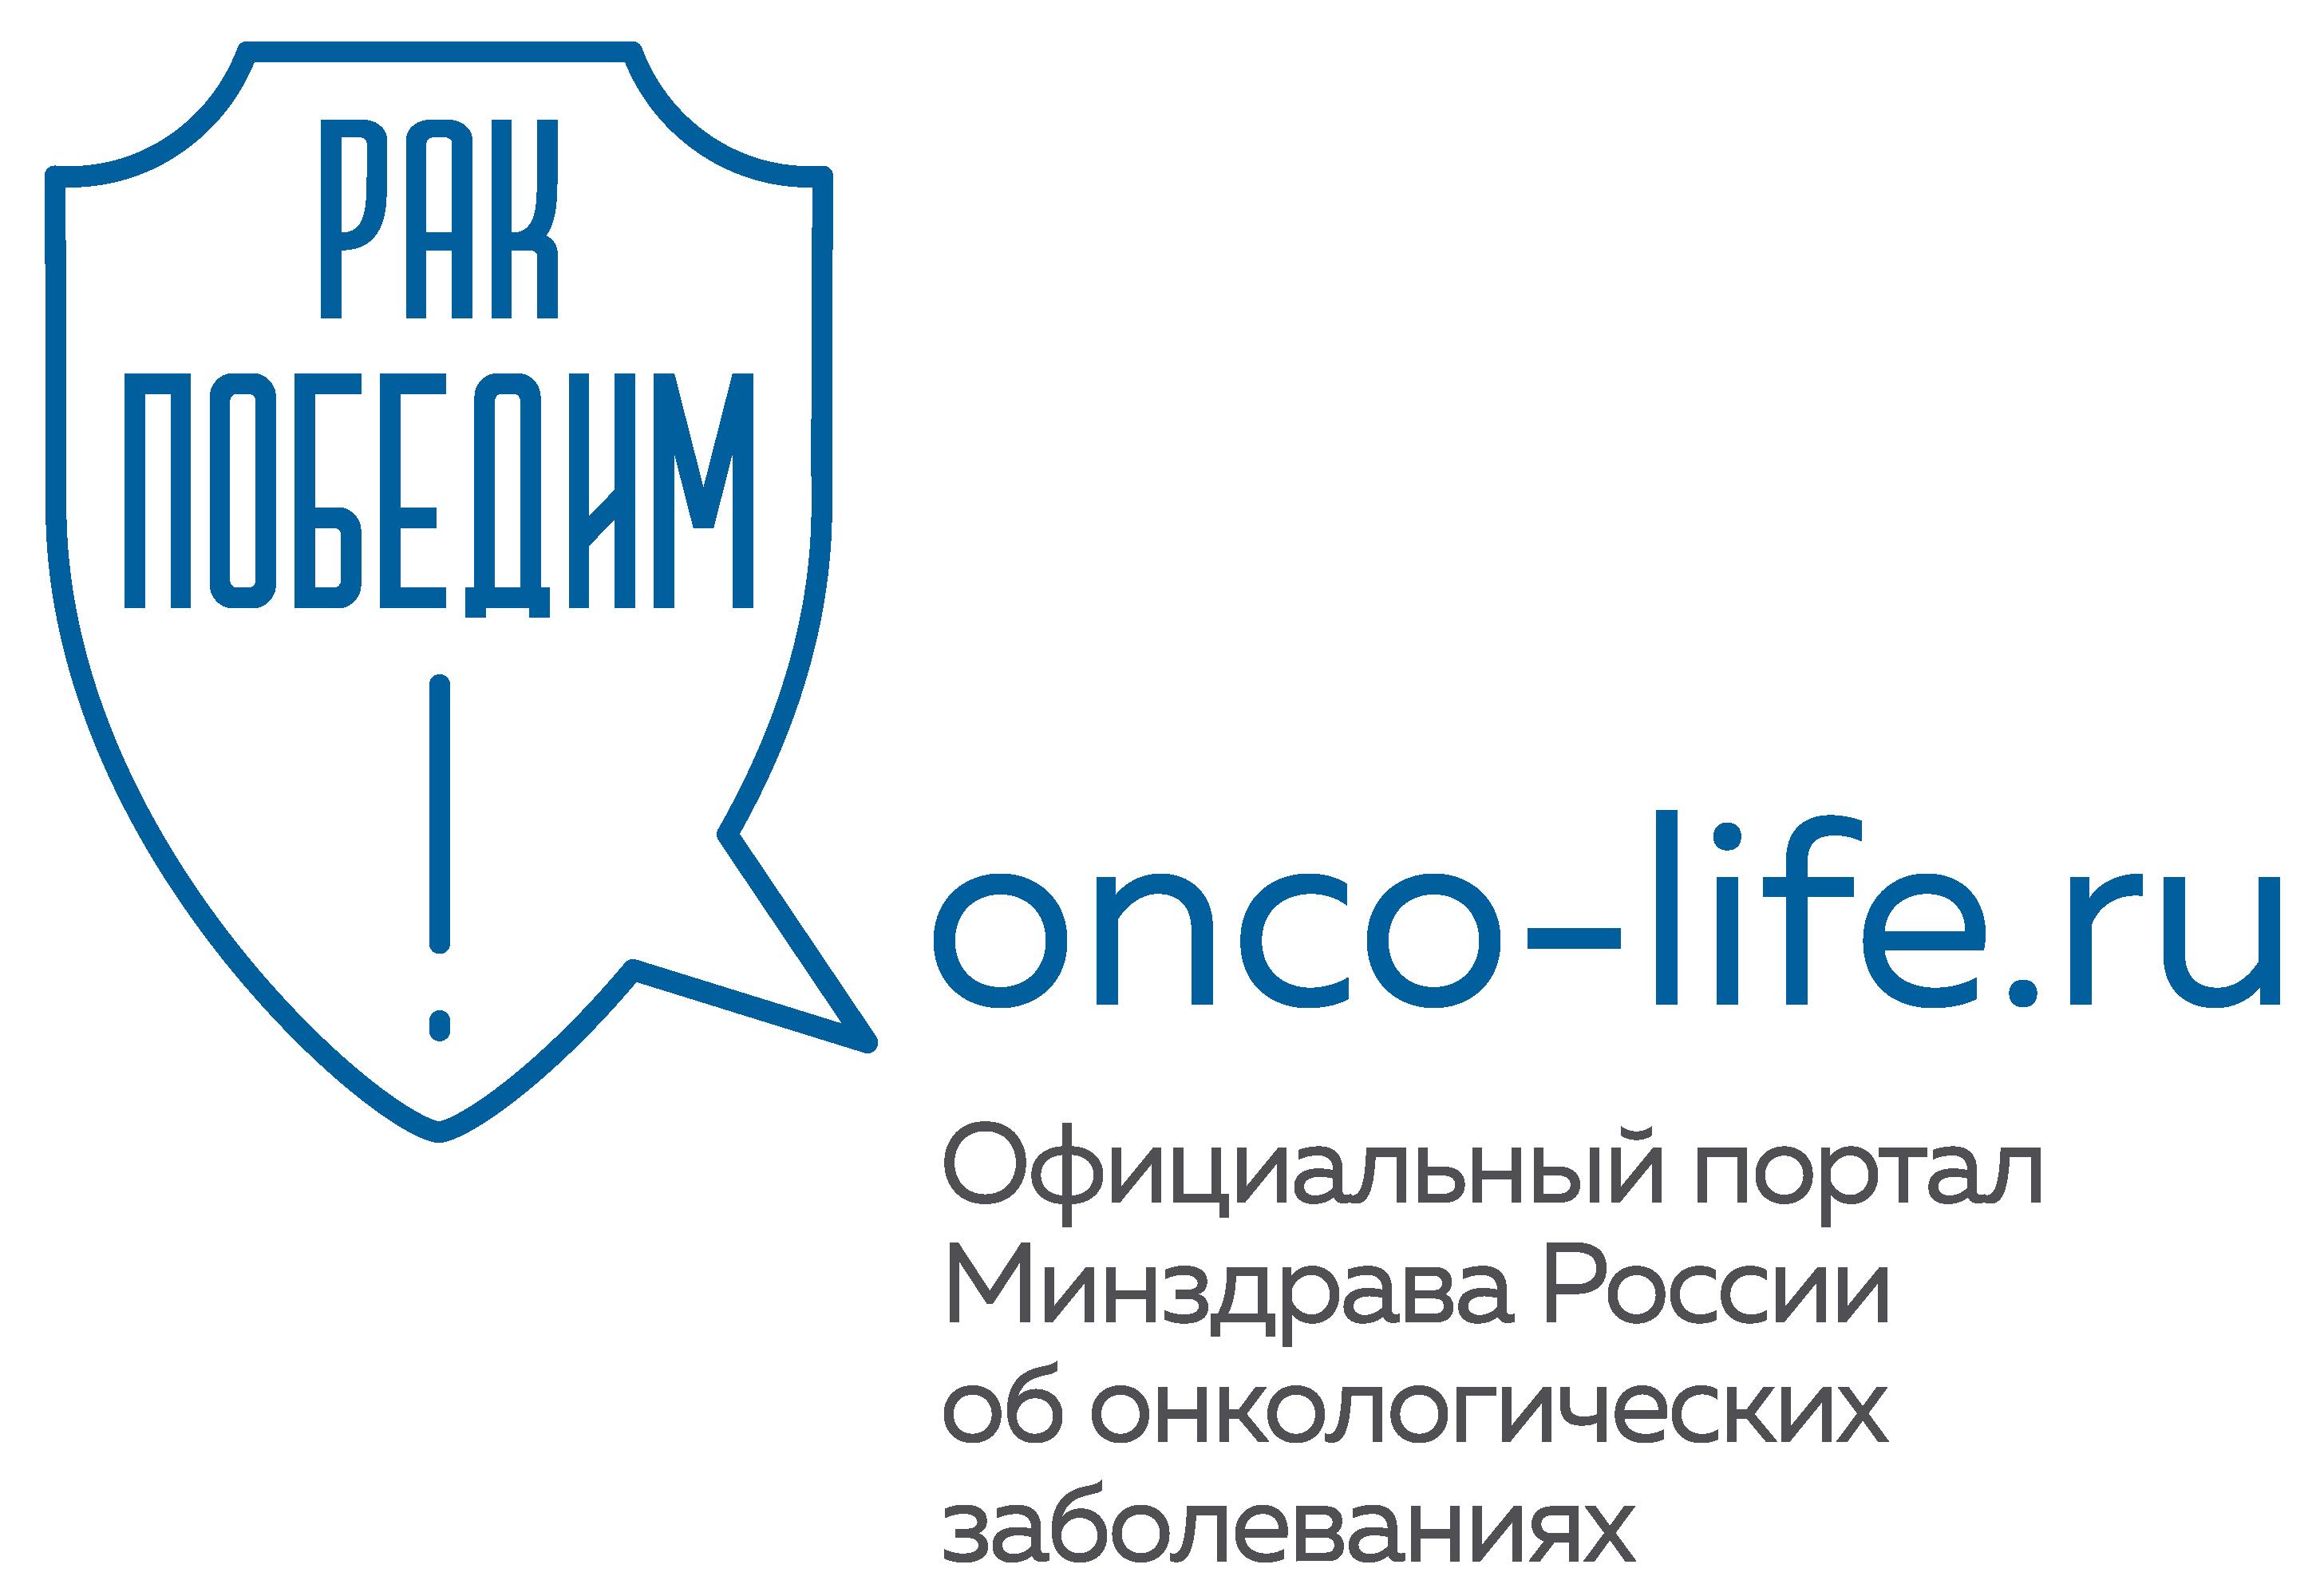 Рак победим! Официальный портал Минздрава РФ